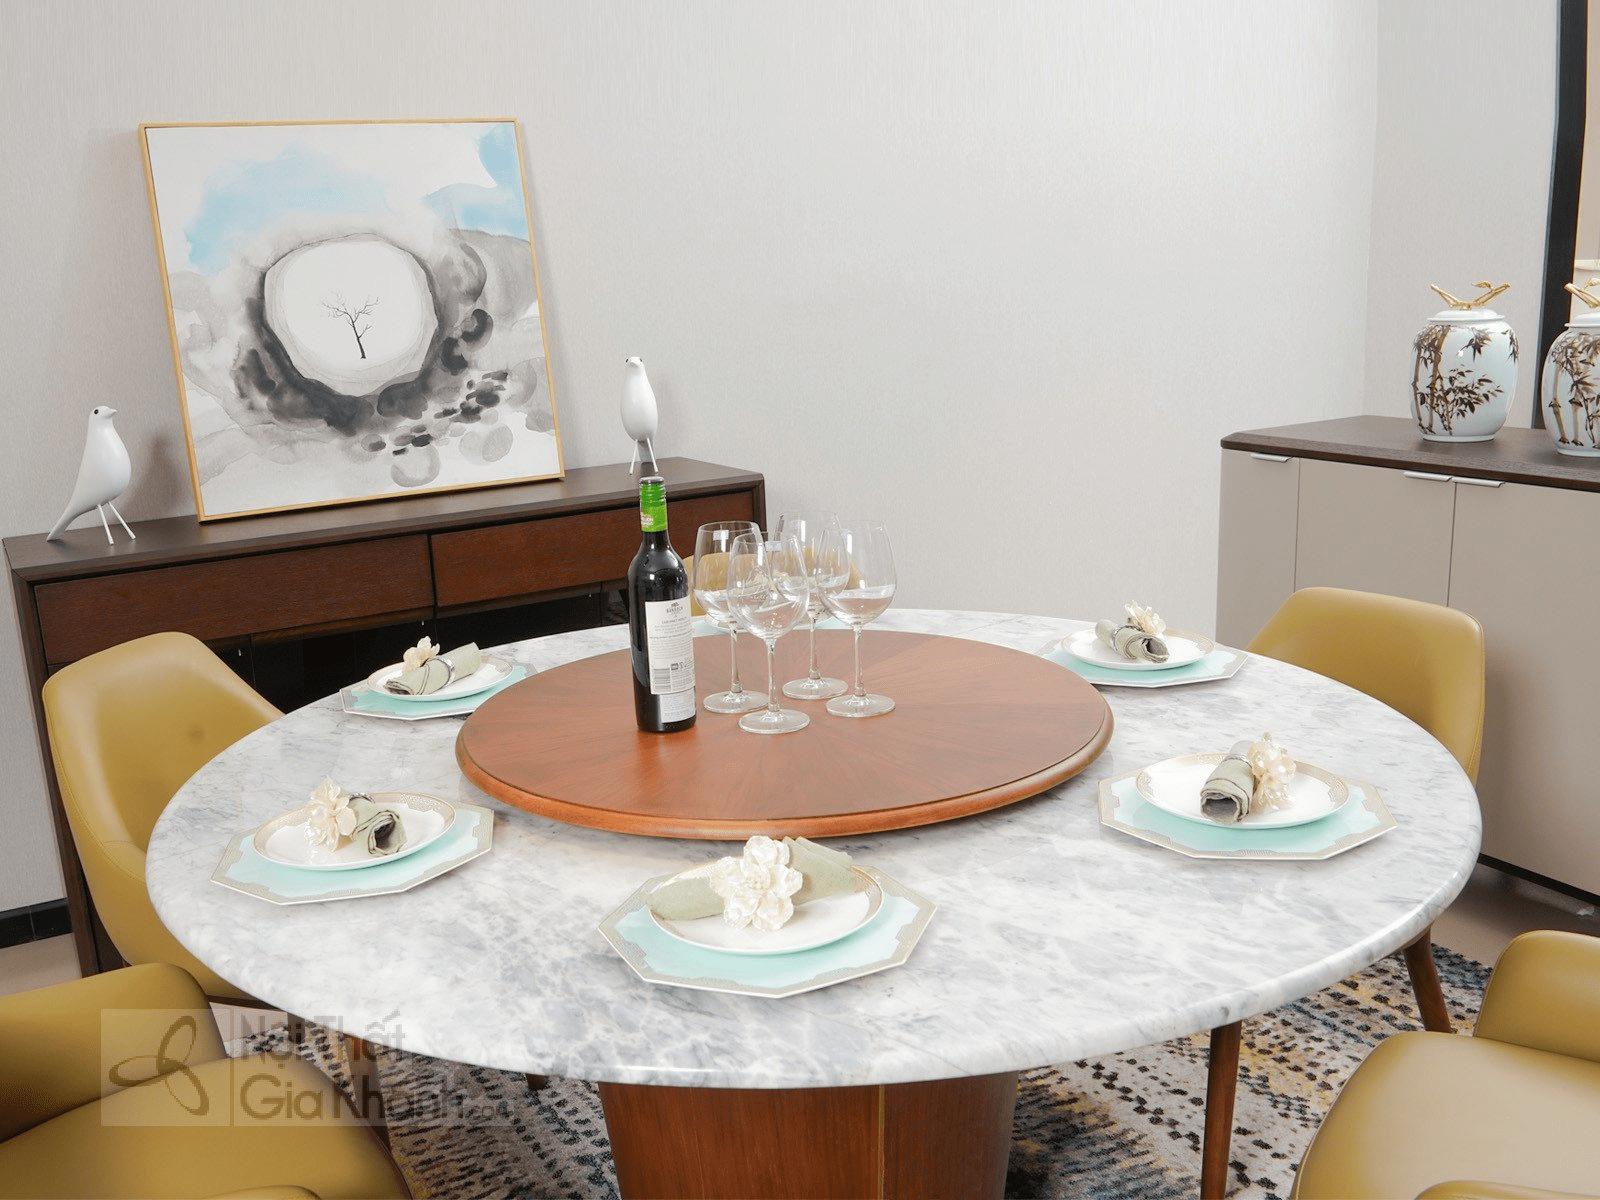 Bàn ăn tròn của thương hiệu Italy furniture